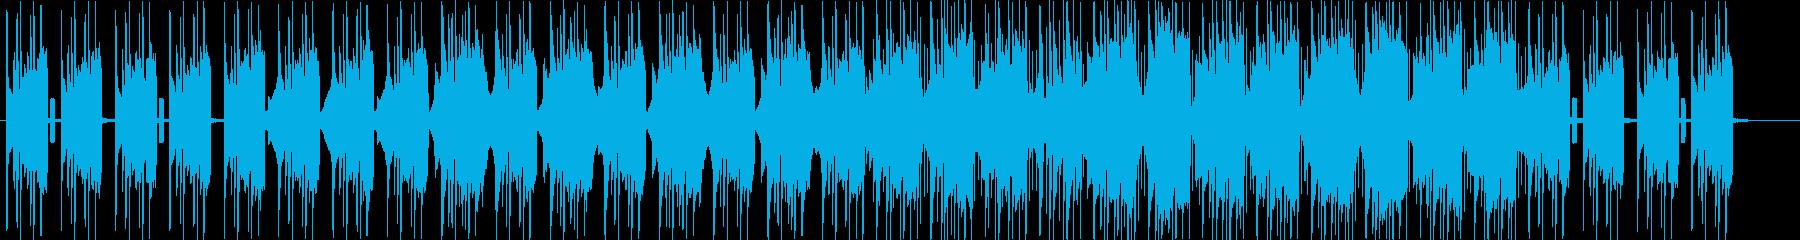 ギターが特徴的なしっとりしたBGMの再生済みの波形